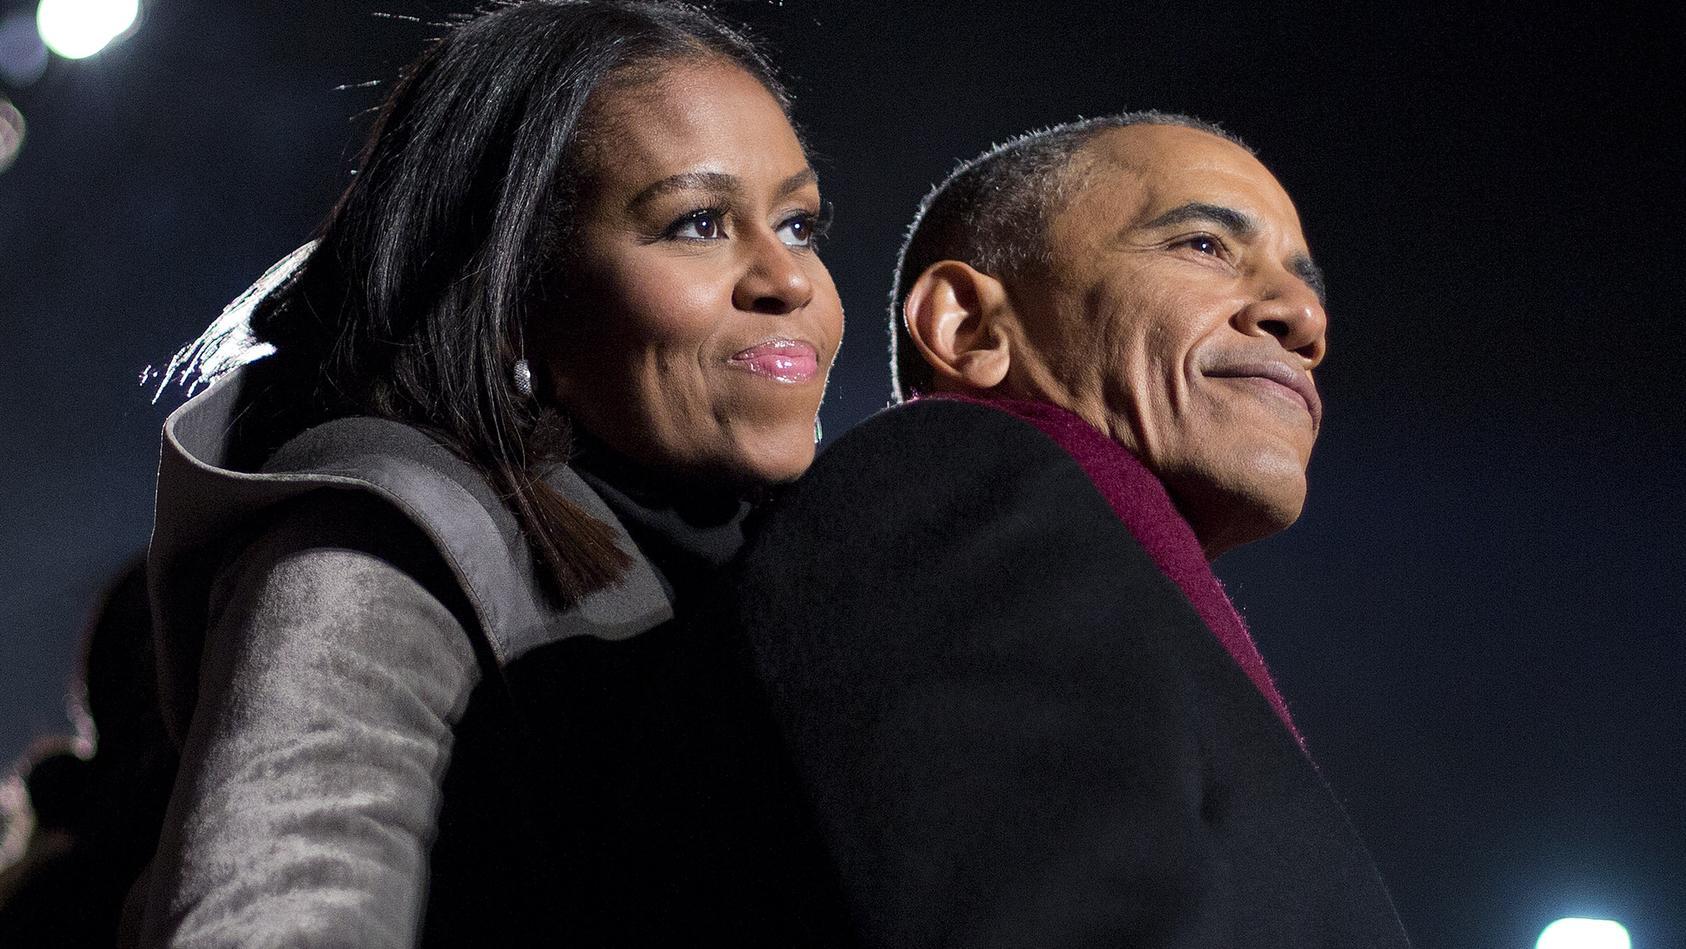 Zum Geburtstag macht Barack Obama seiner Frau eine zuckersüße Liebeserklärung.